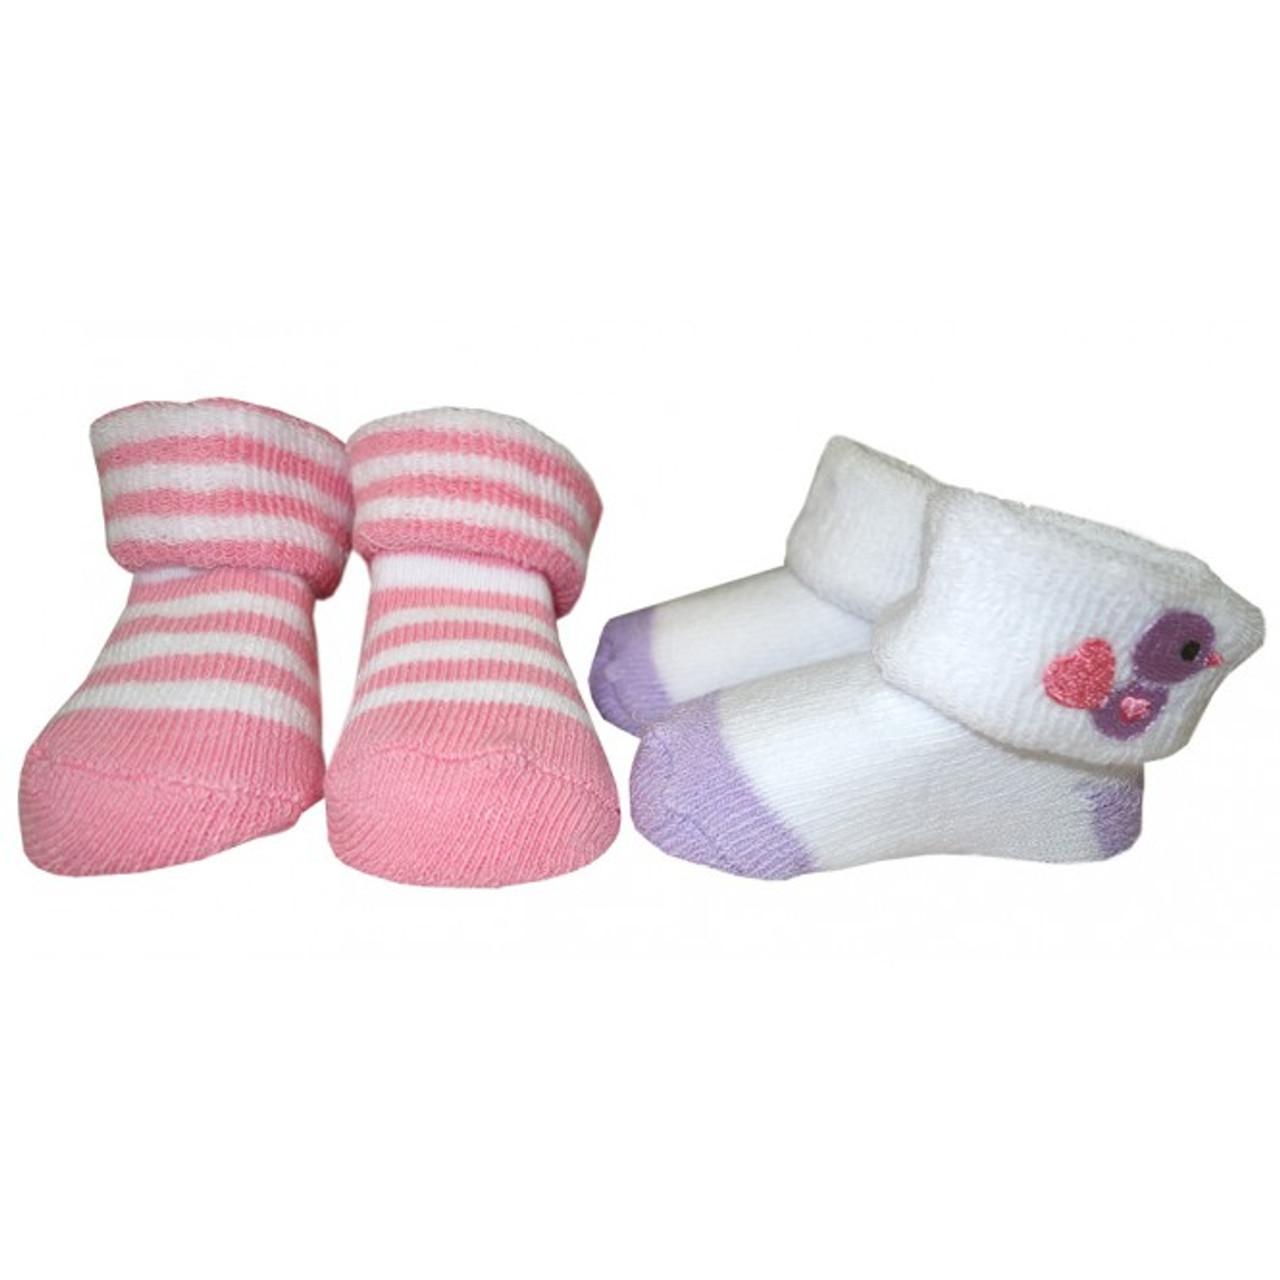 Playette Newborn Bootie Socks 2pk 3-6 Months - Purple Bird